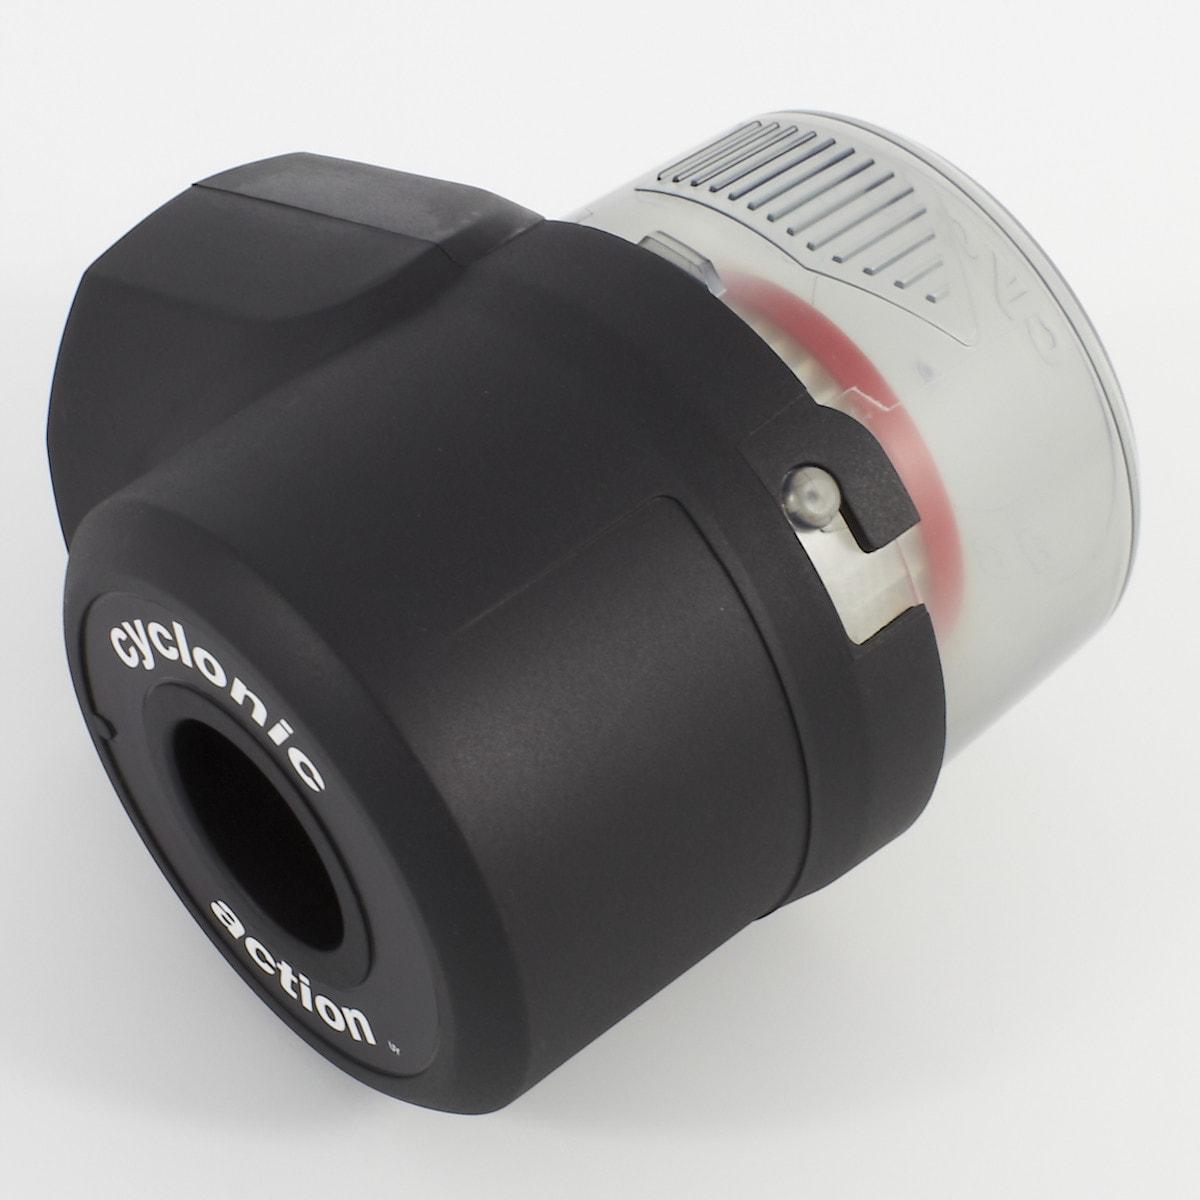 Filterhållare Black&Decker